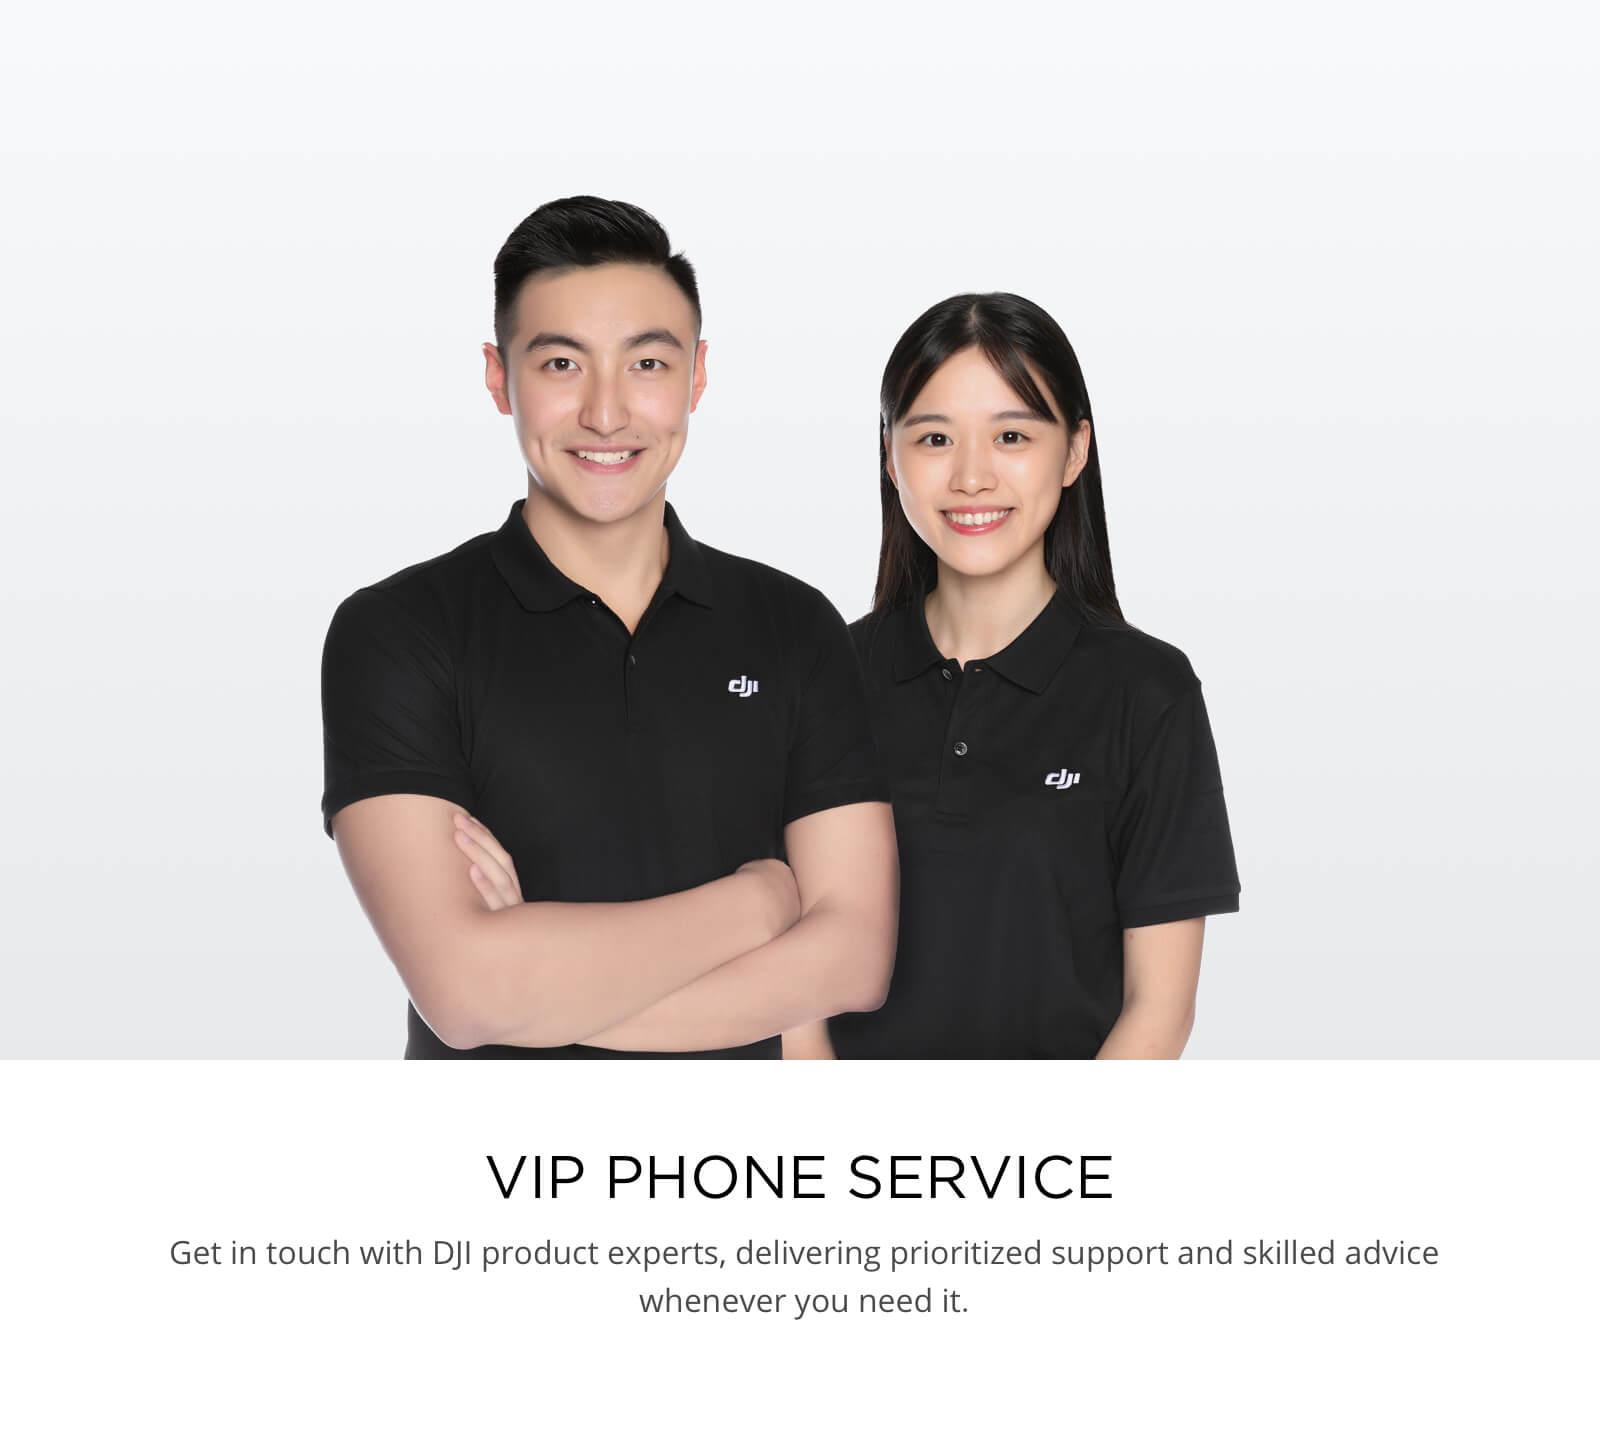 07VIP%20Phone%20Service.jpg